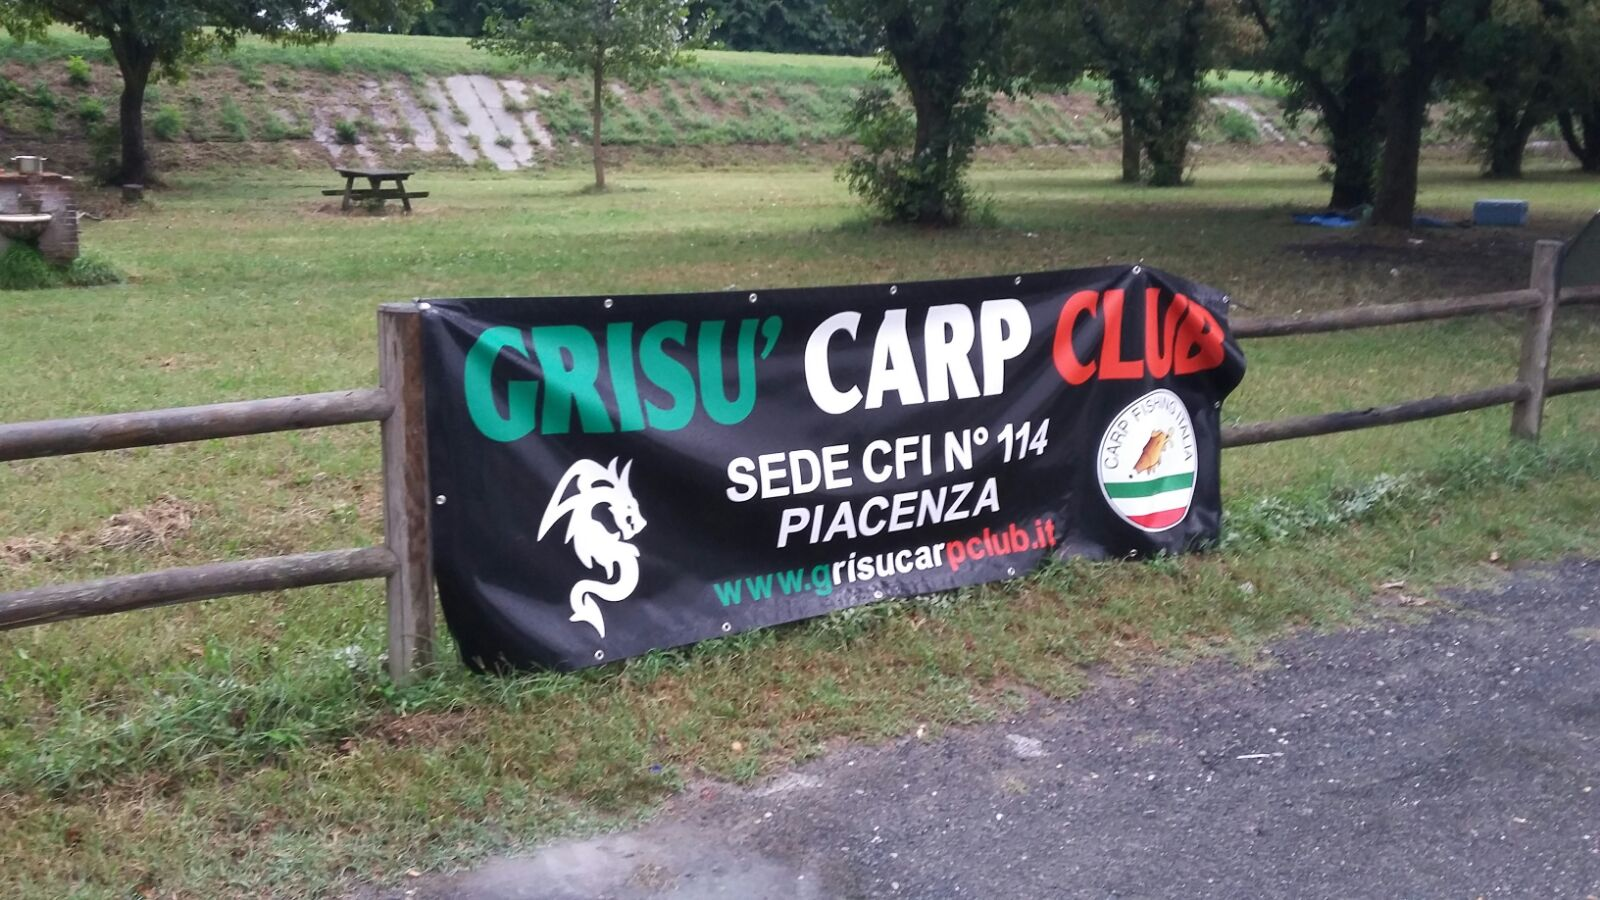 Piacenza 114 Grisù Carp Club